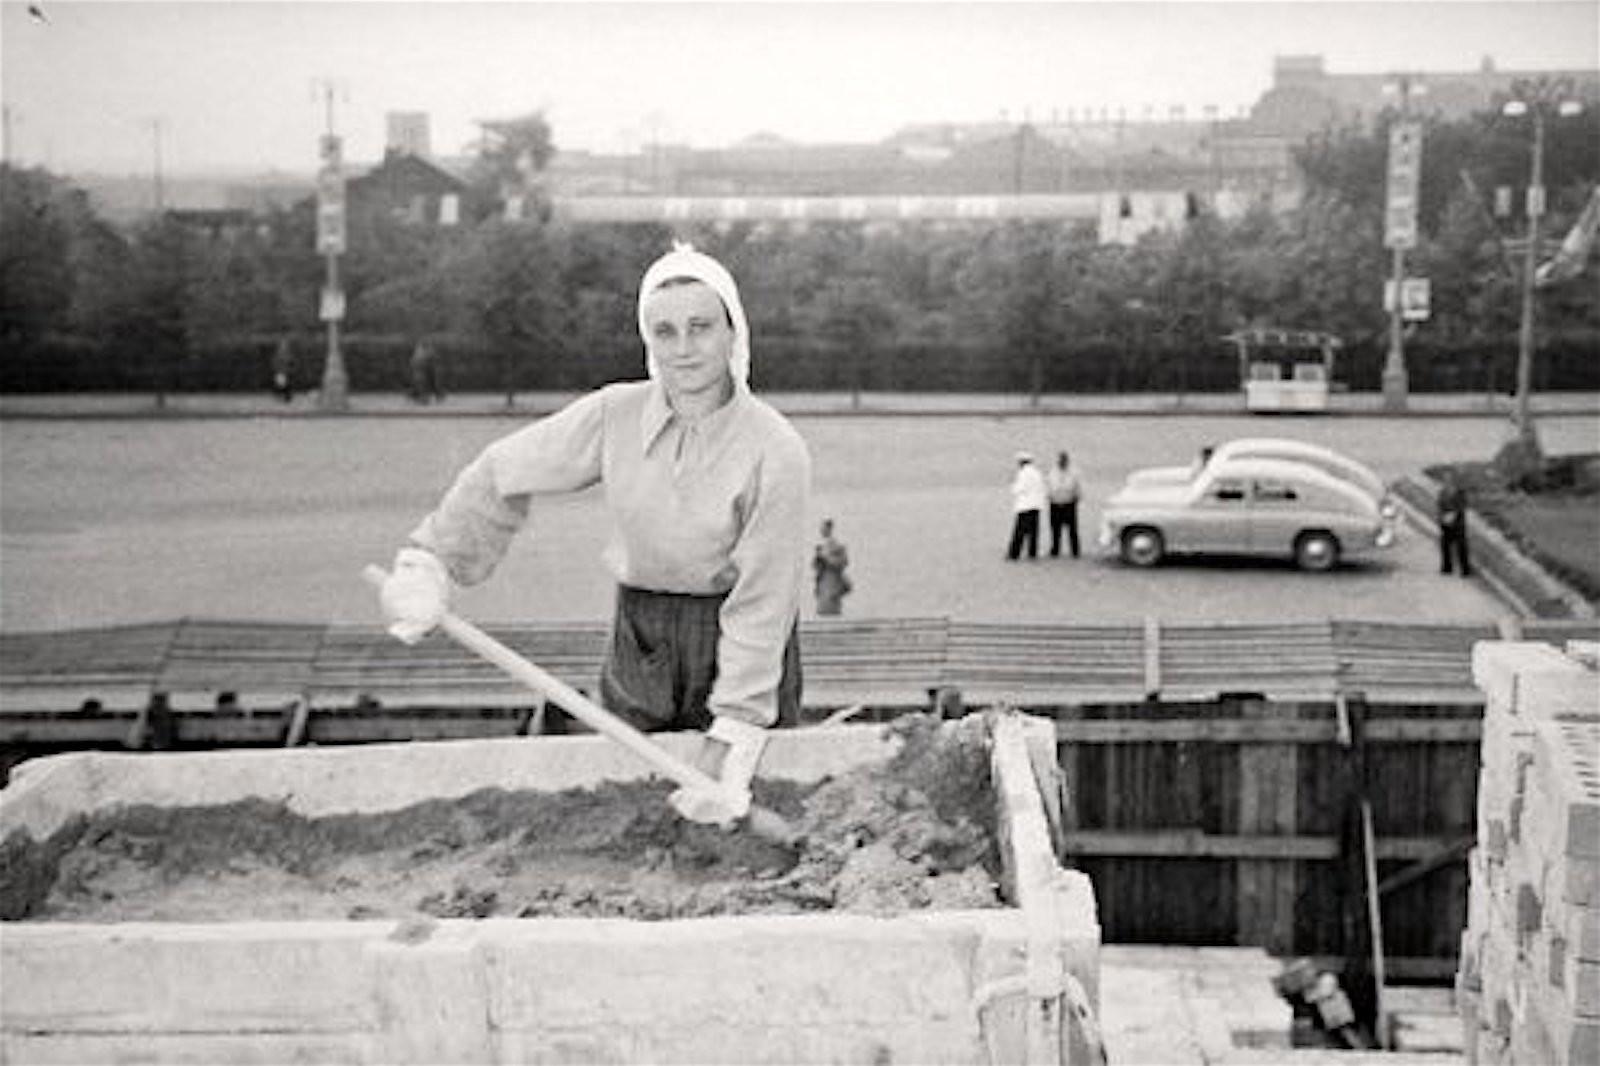 1957. Женщина бетонщица за работой